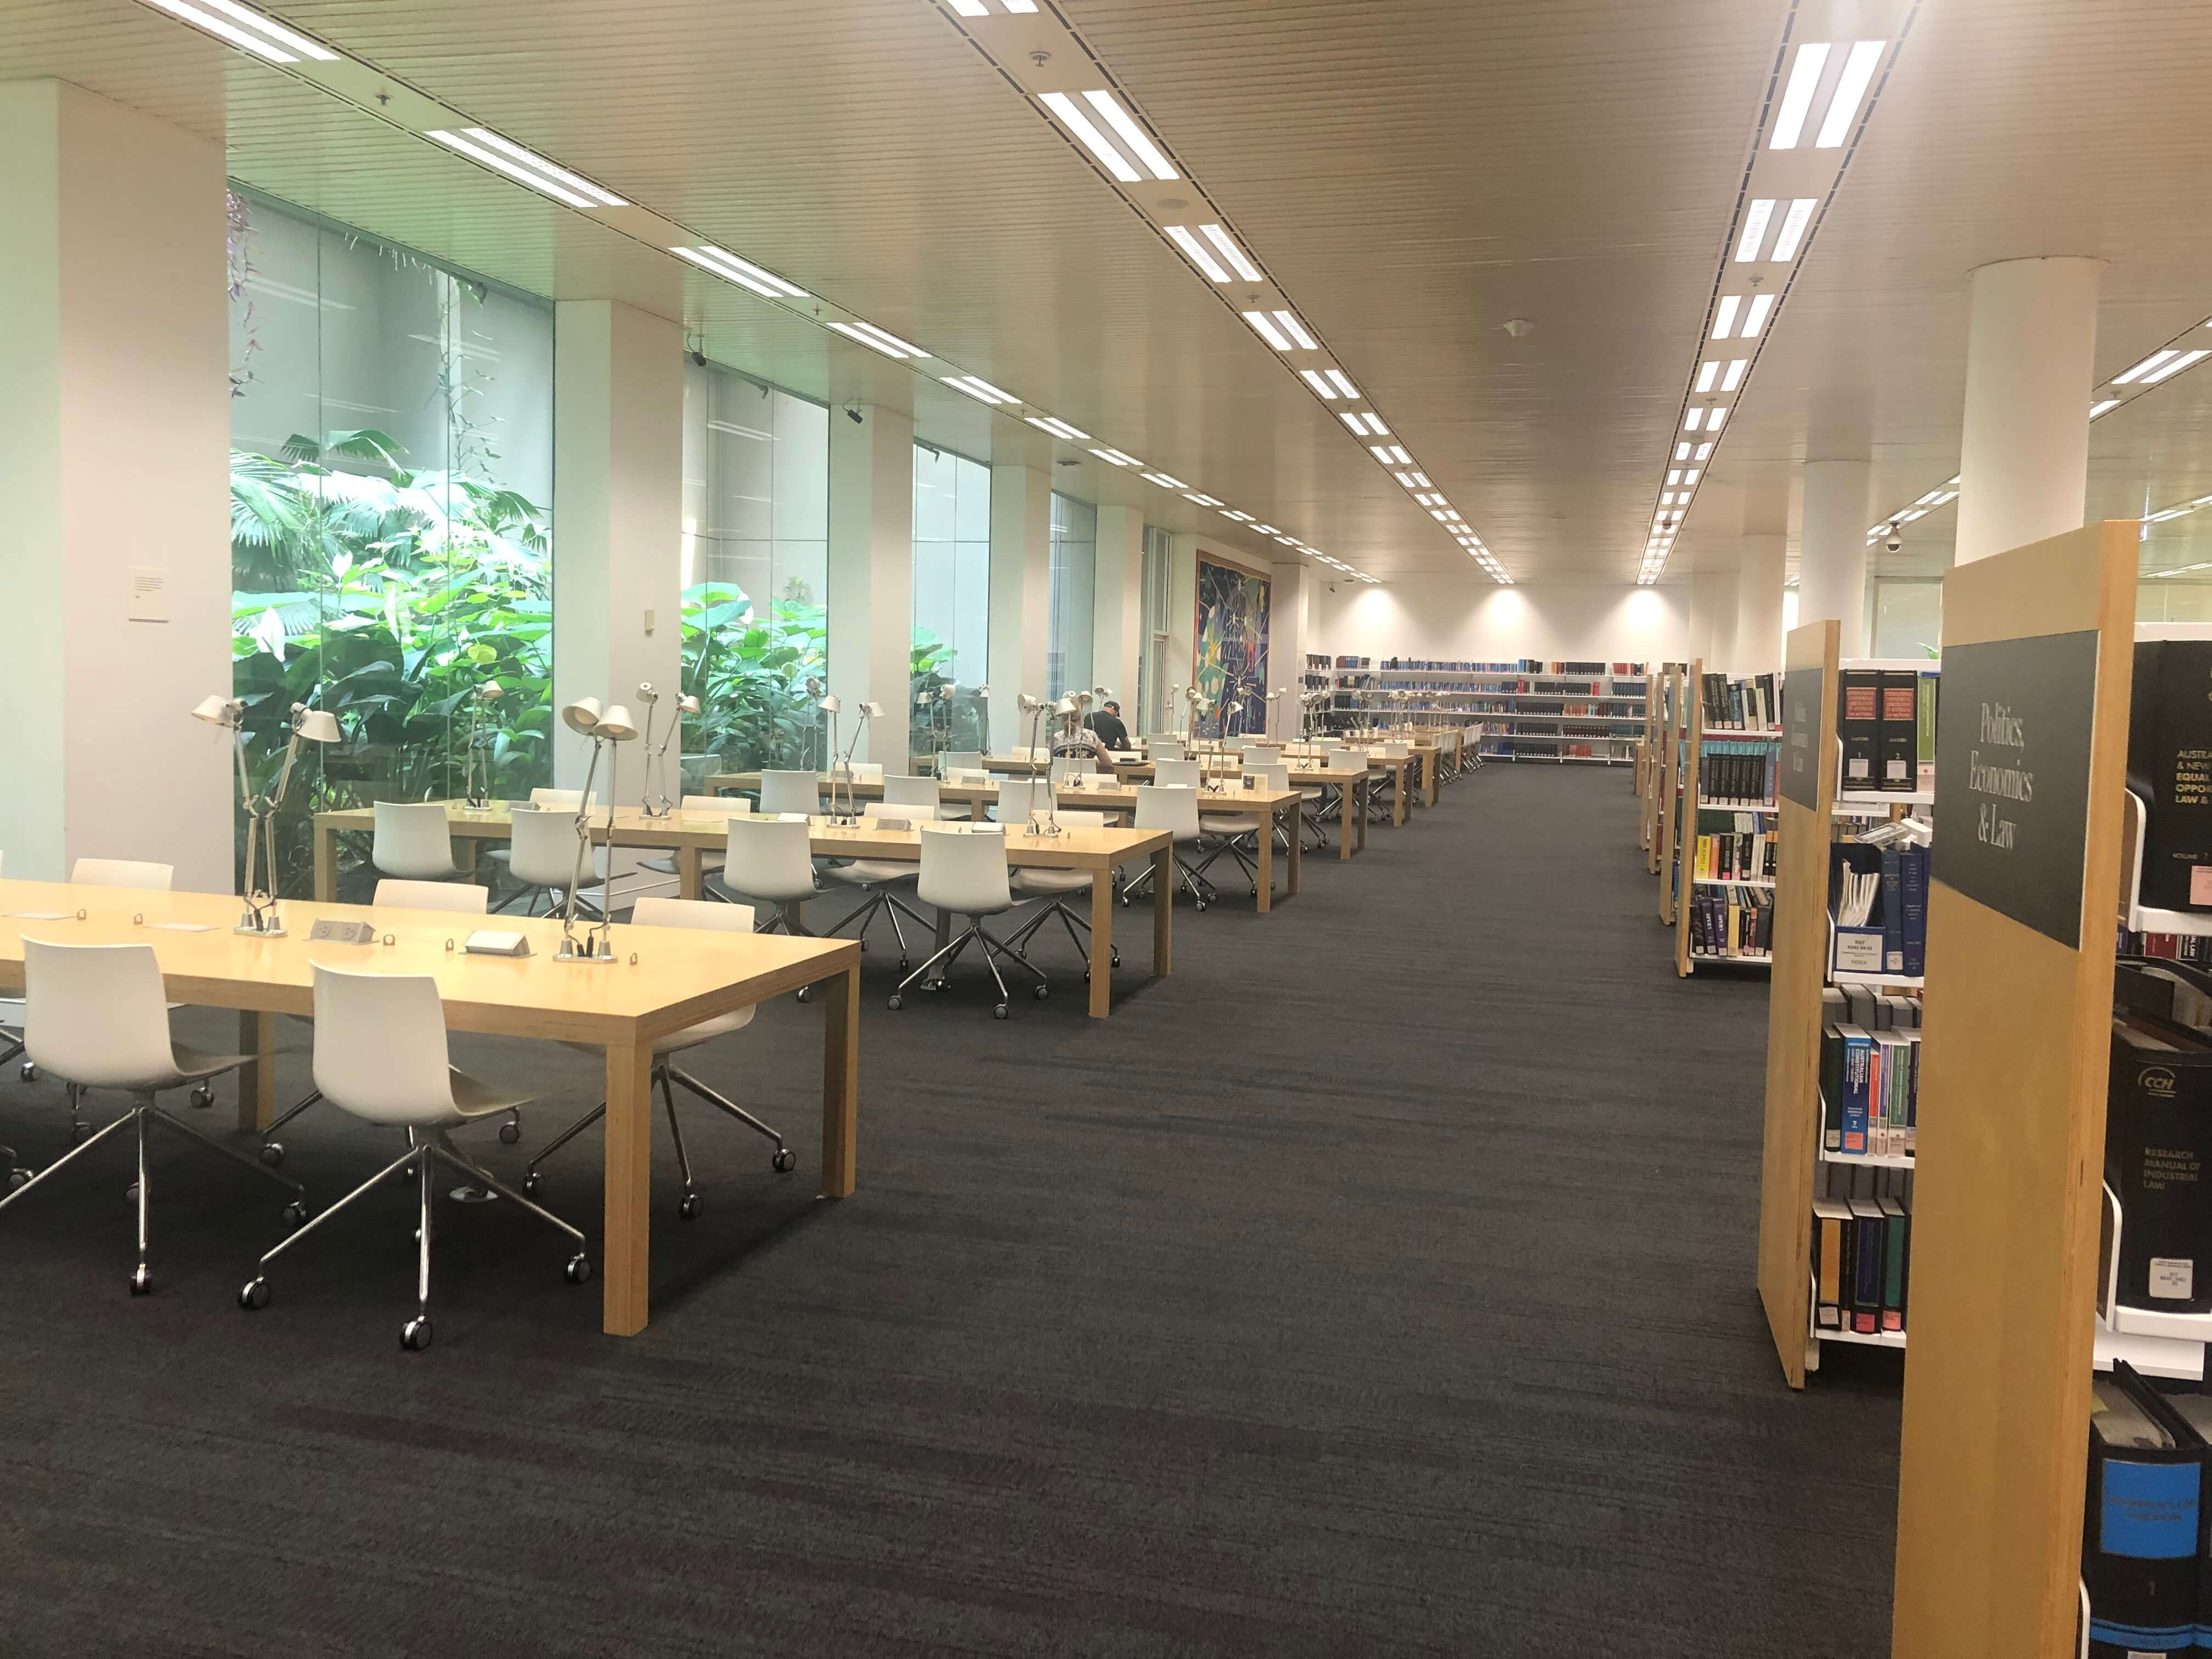 シドニー州立図書館の新館の地下